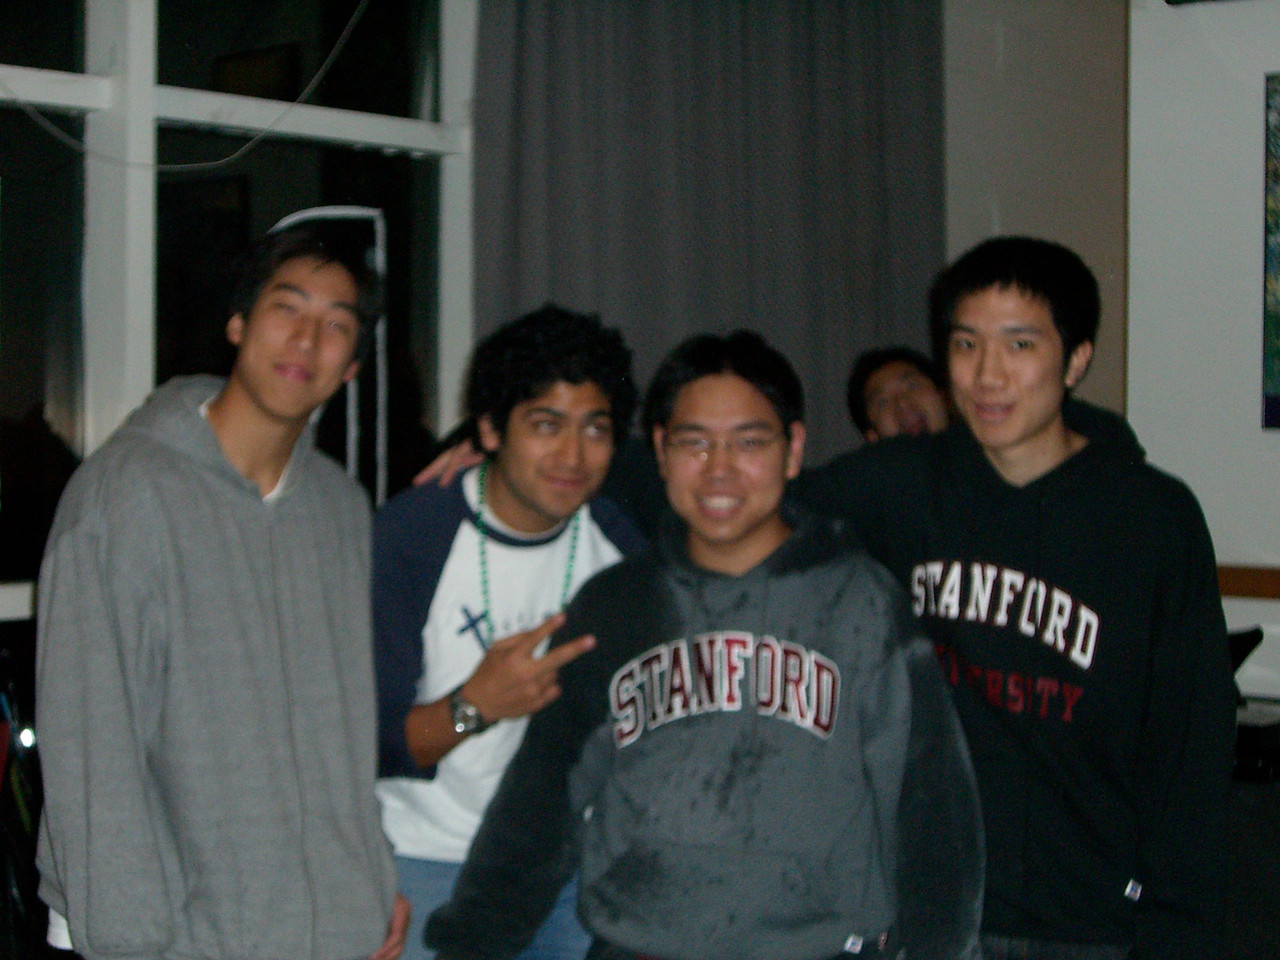 2006 03 01 Wed - David Chiang's B-day - James Lee, Pablo Pozo, David Chiang, & Michael Lin